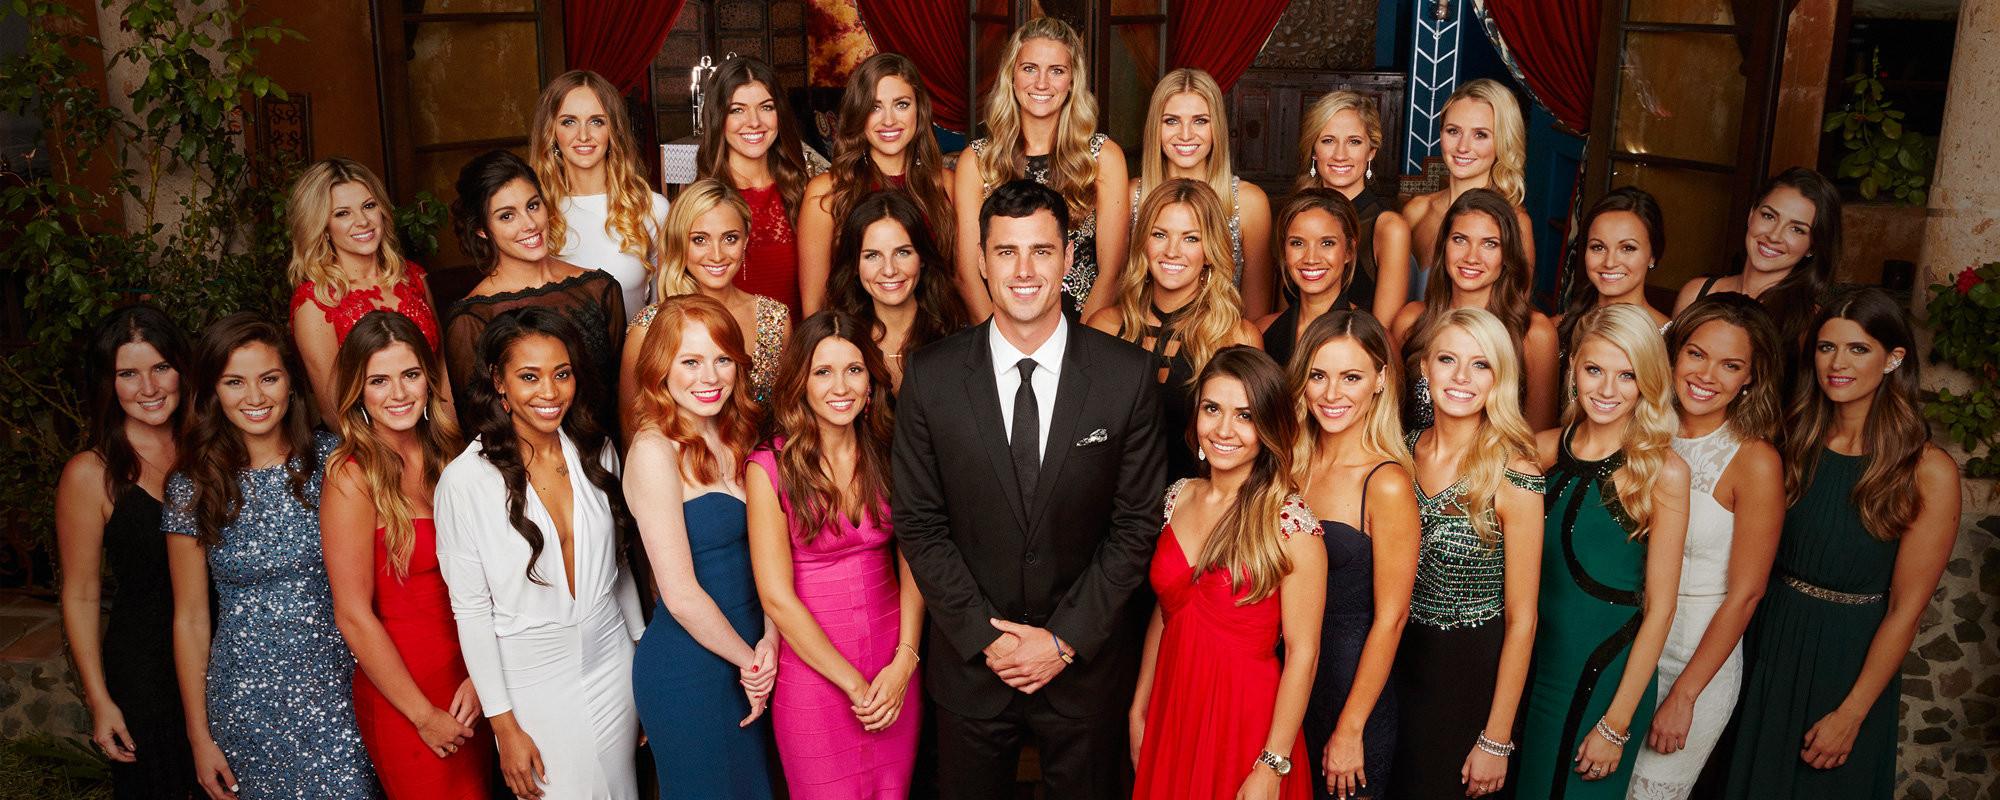 watch jimmy kimmel review bachelor season 20 contestants